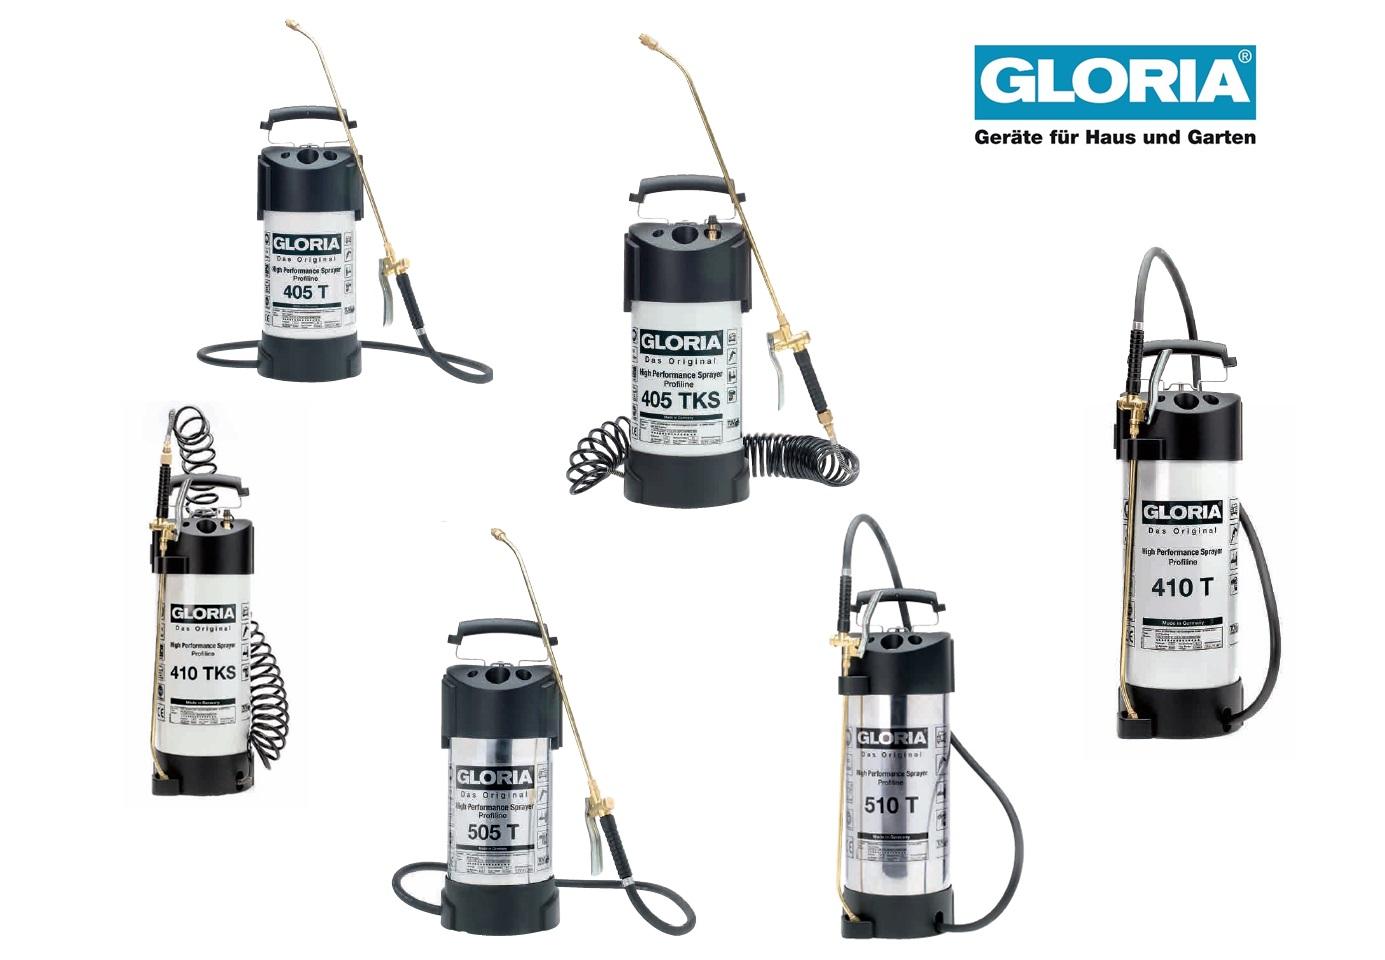 Gloria Kunststof Drukspuiten Profiline | DKMTools - DKM Tools